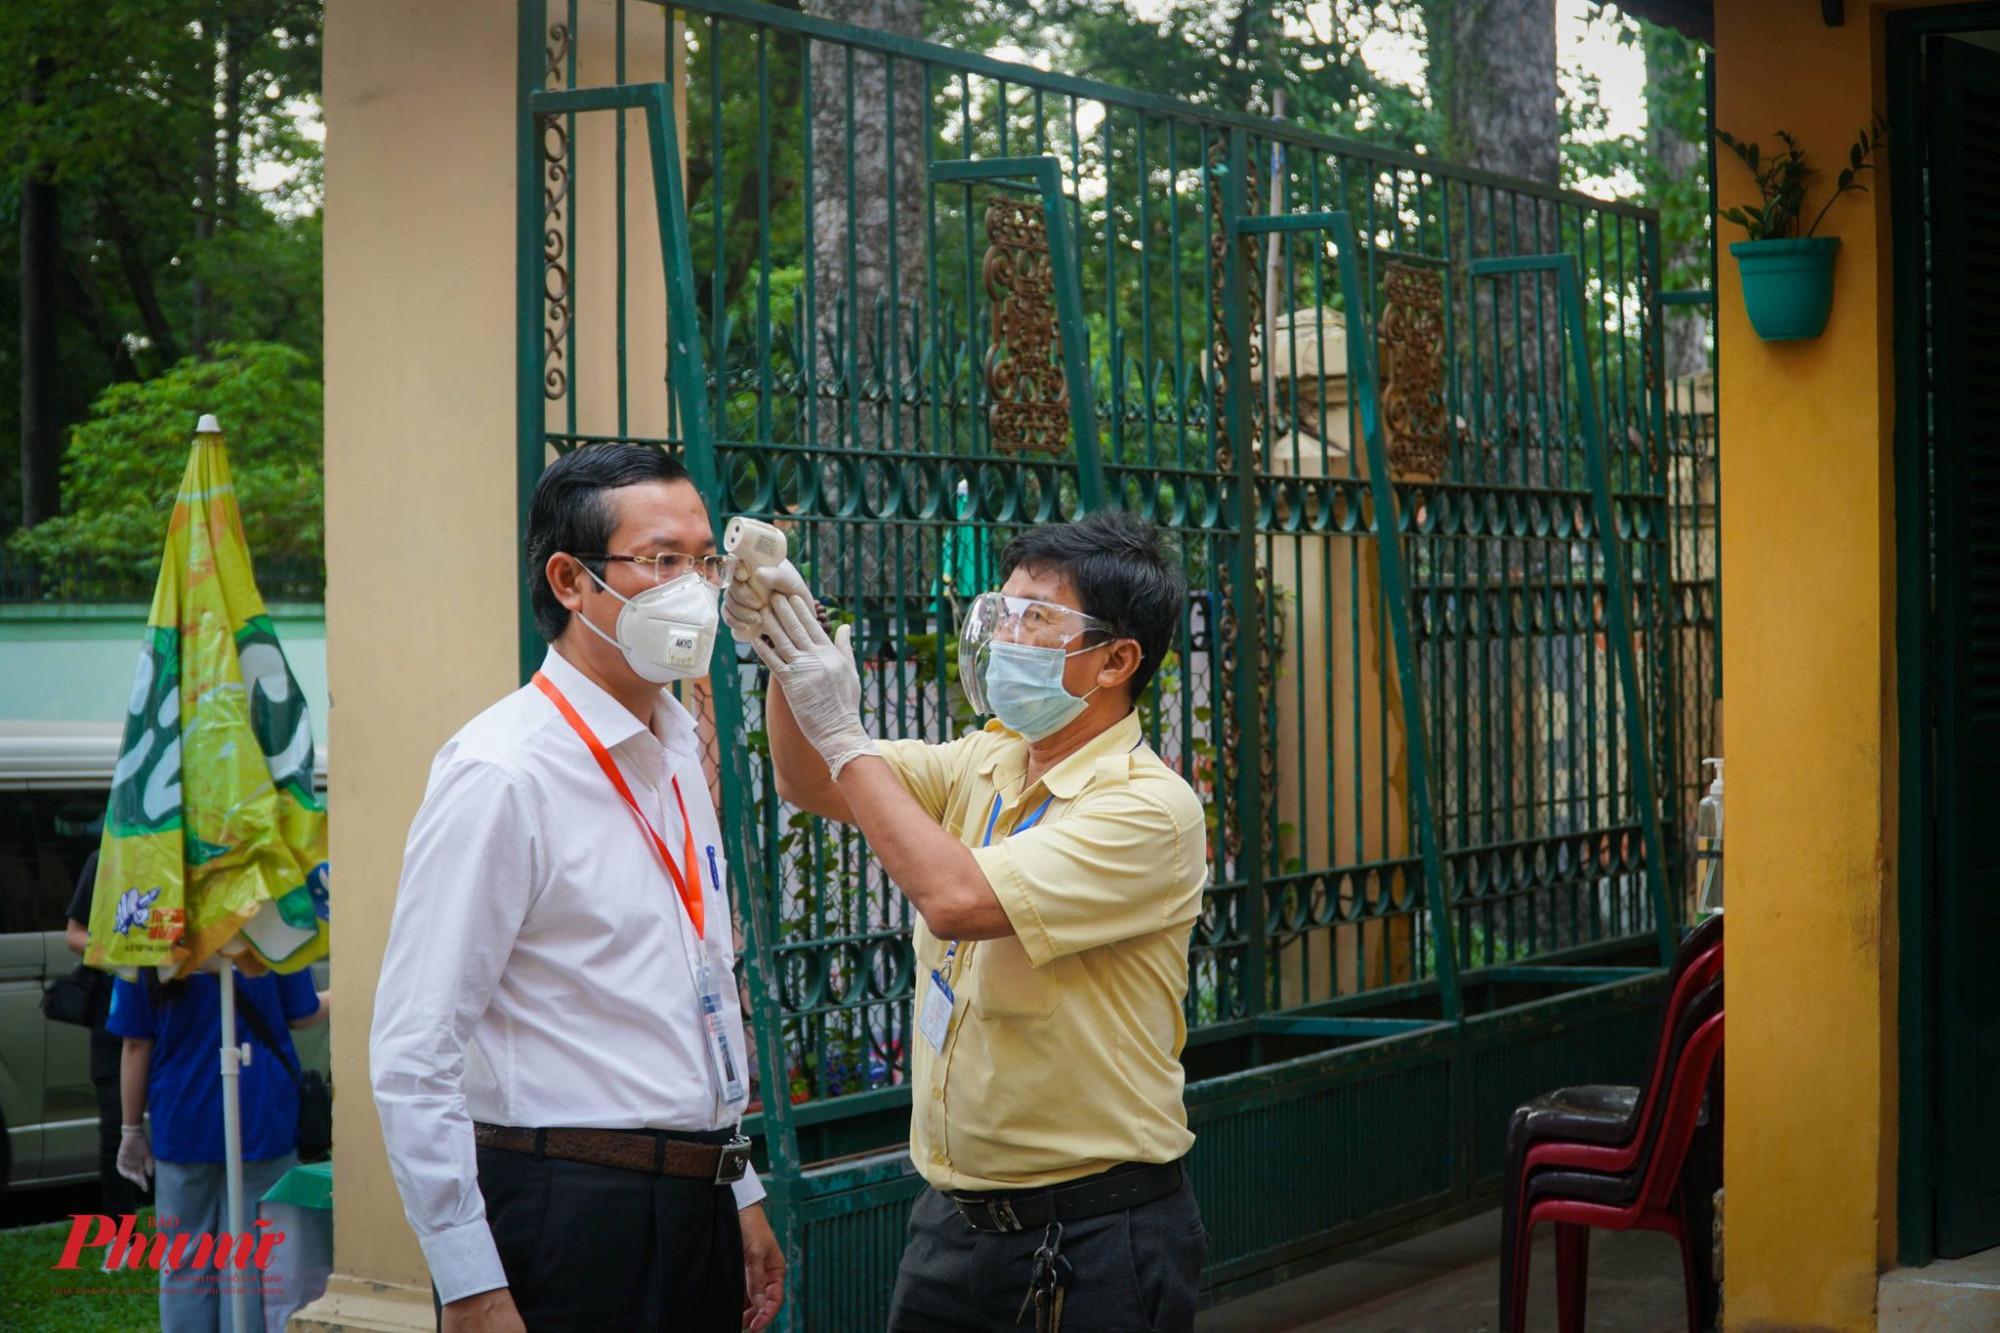 Thứ trưởng Bộ GD-ĐT Nguyễn Văn Phúc được kiểm tra các biện pháp an toàn trước khi vào điểm thi khảo sát